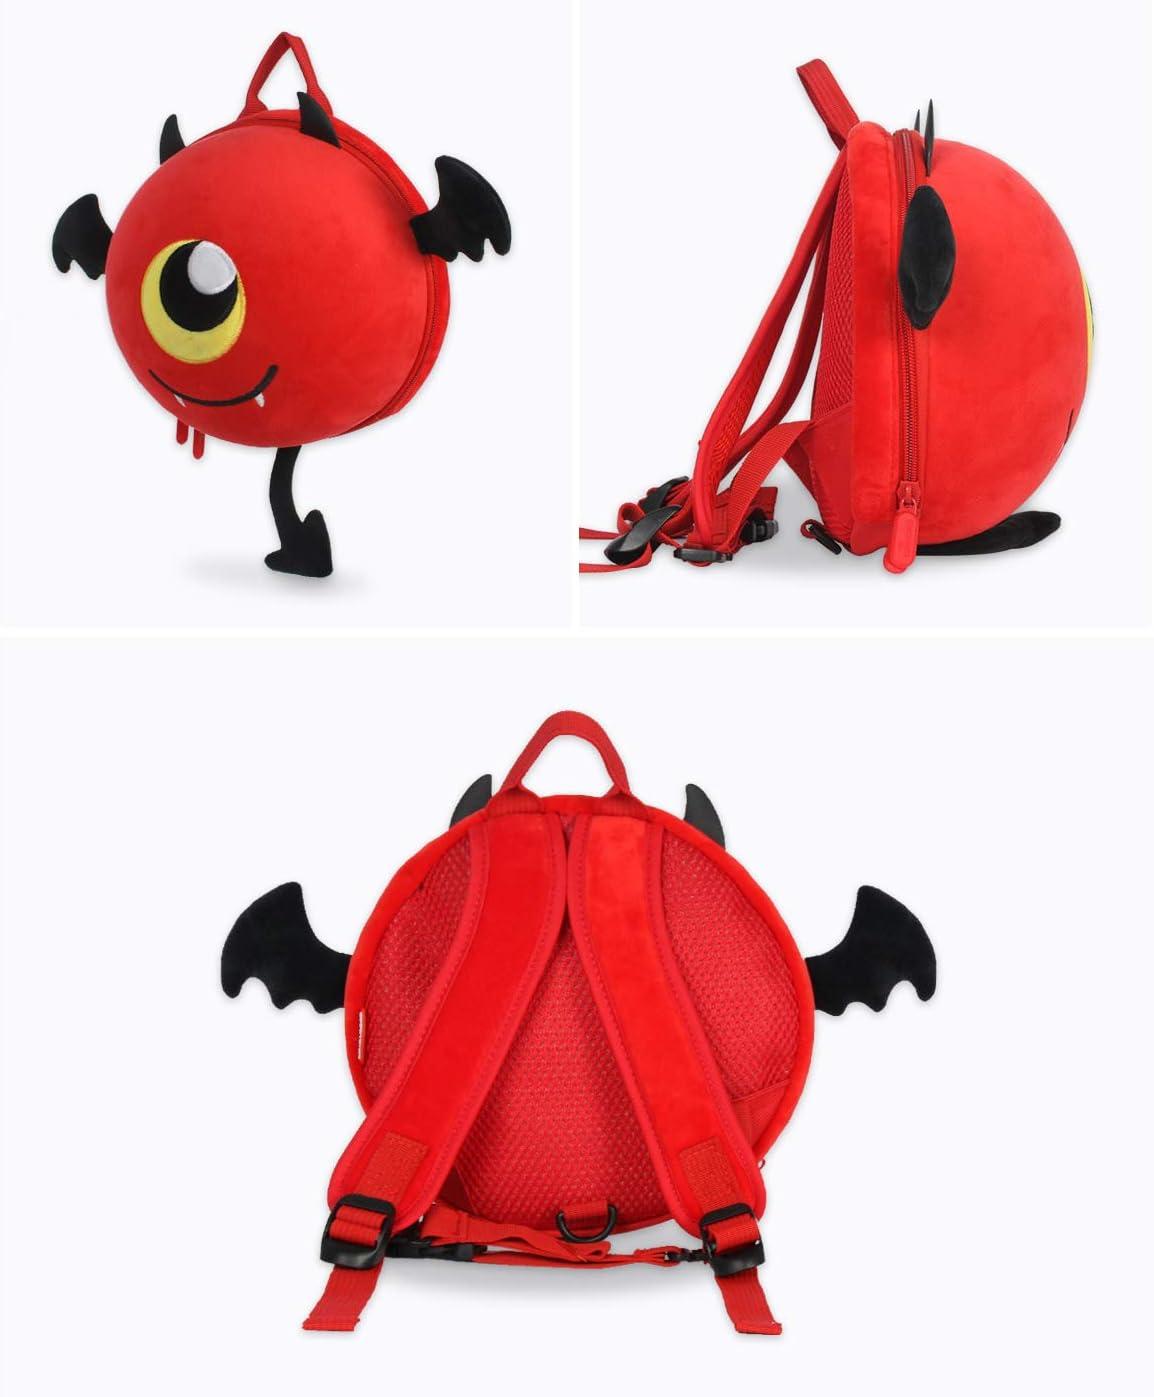 Supercute Little Devil Toddler Backpack for Spoof Christmas Festival Kids Gift